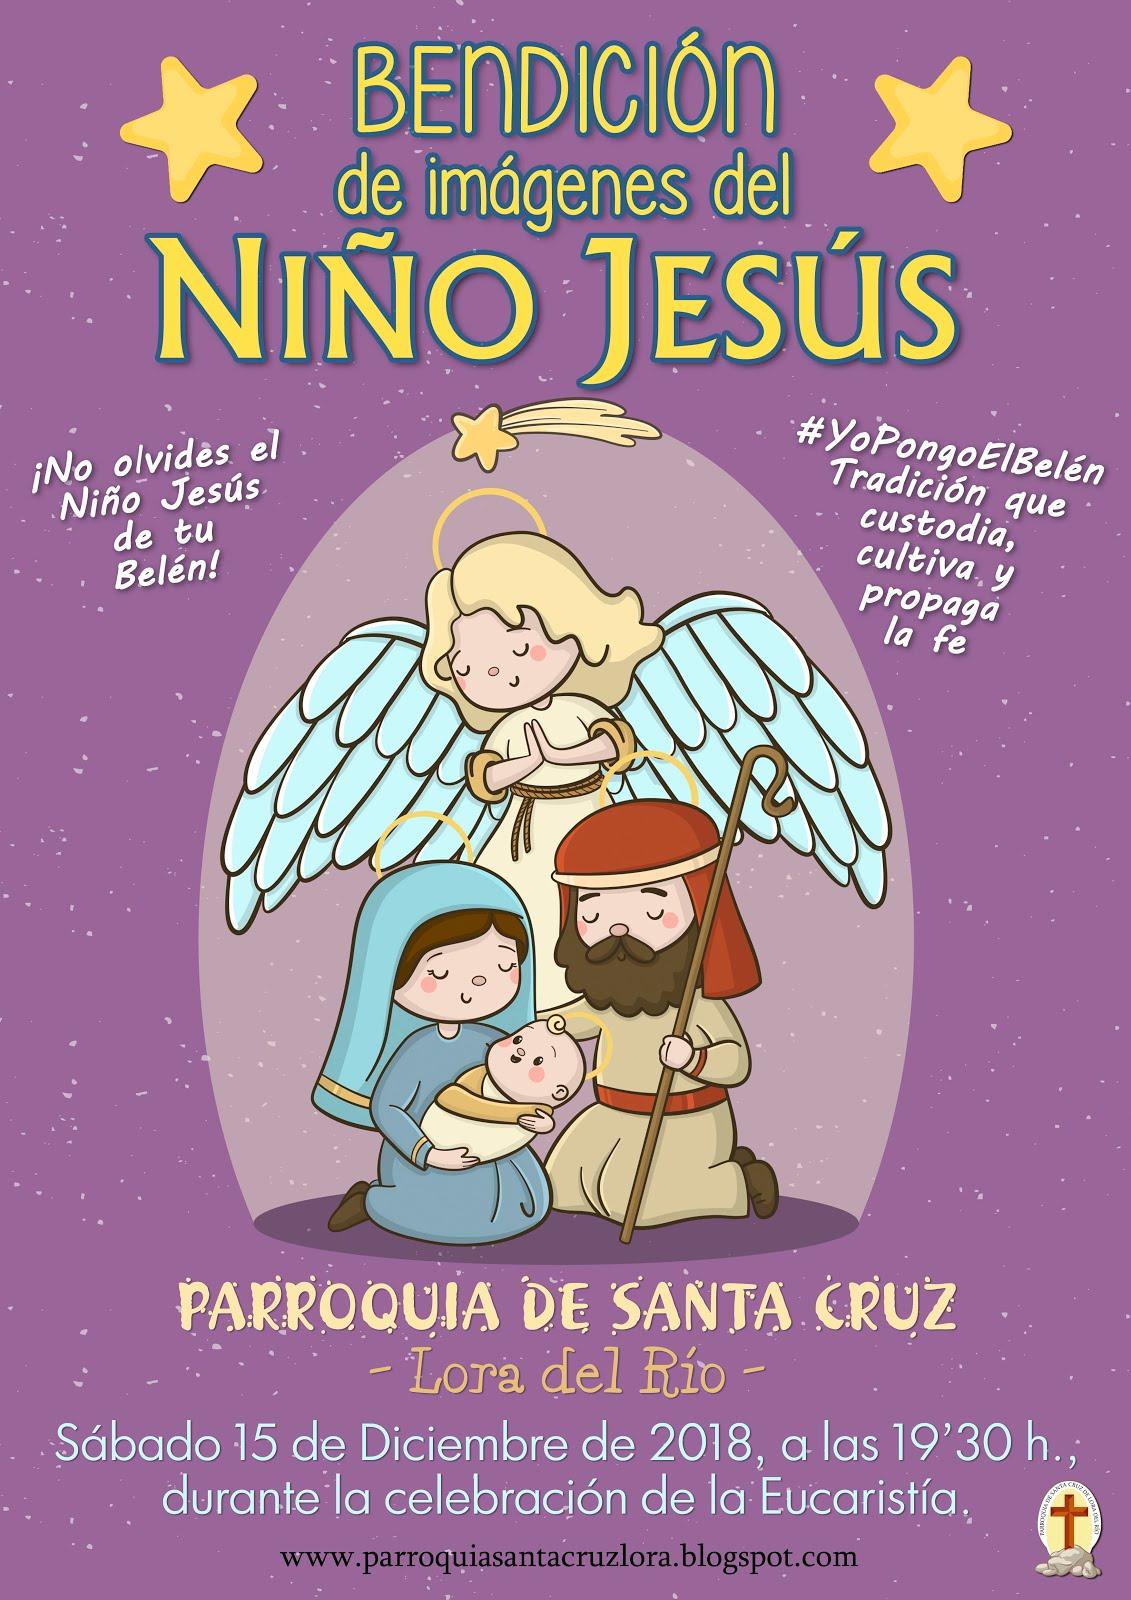 BENDICIÓN DE IMÁGENES DEL NIÑO JESÚS - 15 DIC